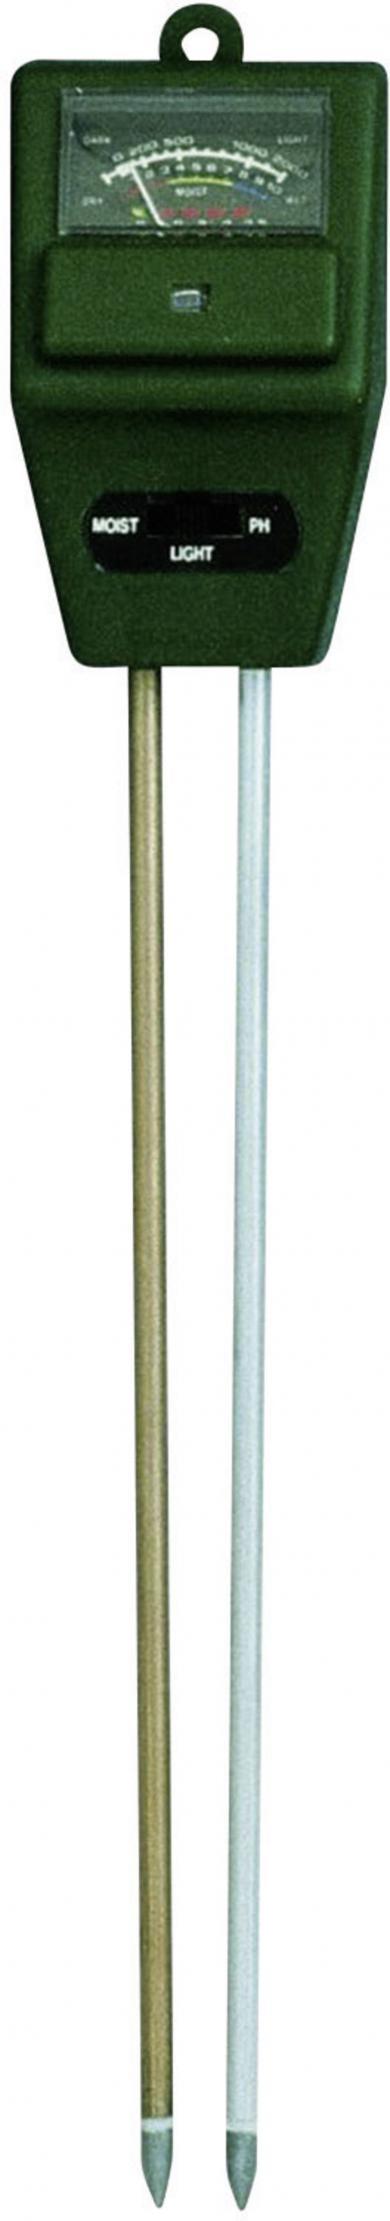 Tester analogic pentru grădină TFA 48.1000